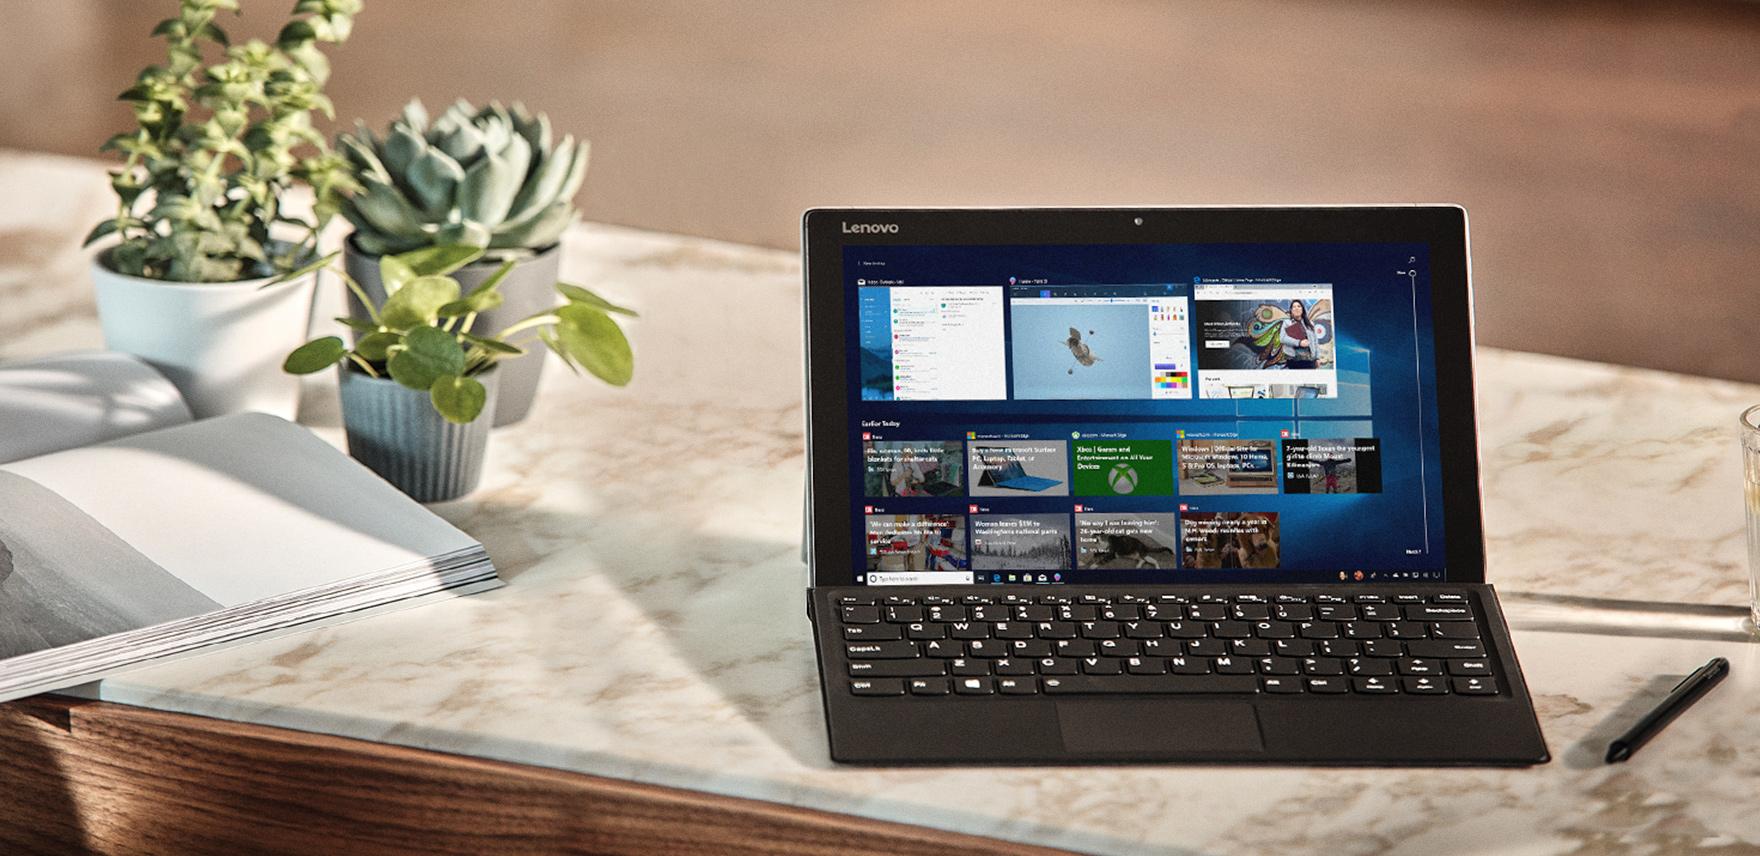 Windows 10 : la mise à jour majeure d'avril 2018 se déploie, voici les nouveautés